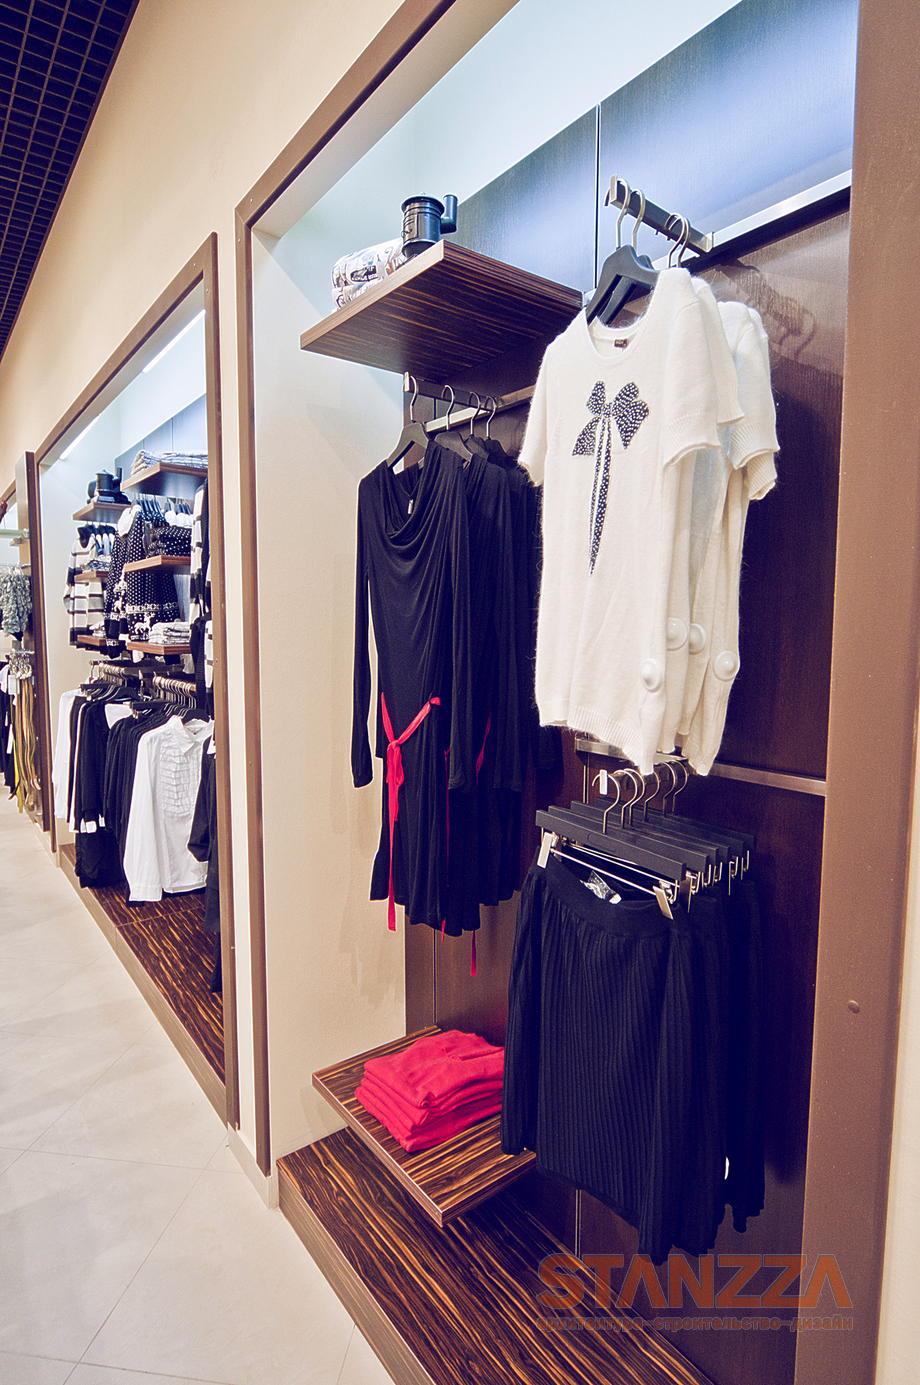 Baon Fashion Store Stanzza # Muebles Fashion